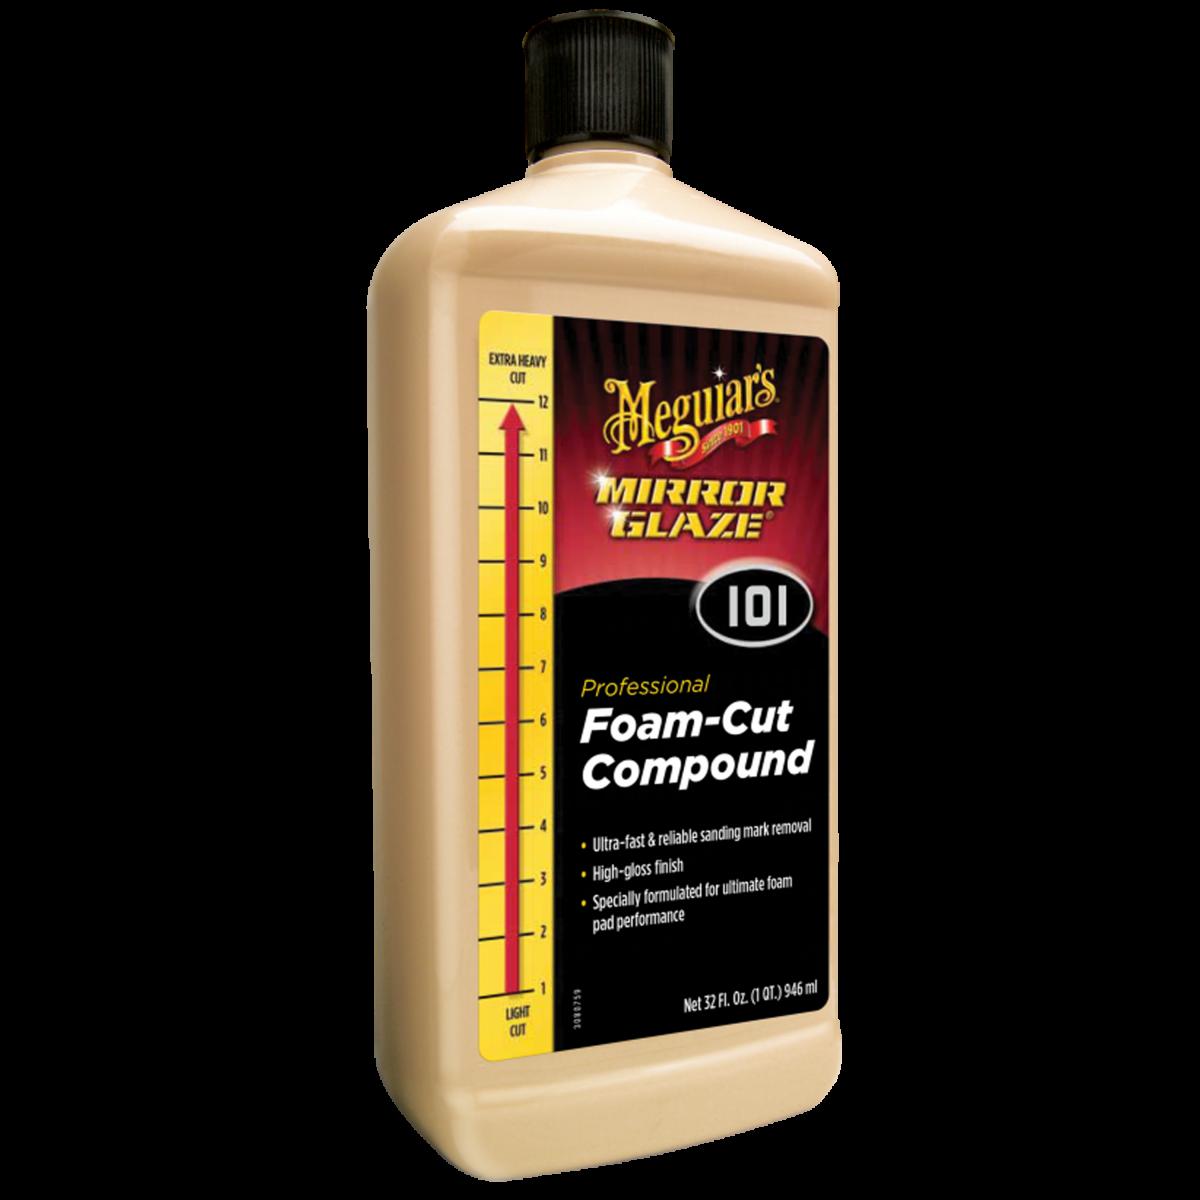 Meguiar's Foam-Cut Compound